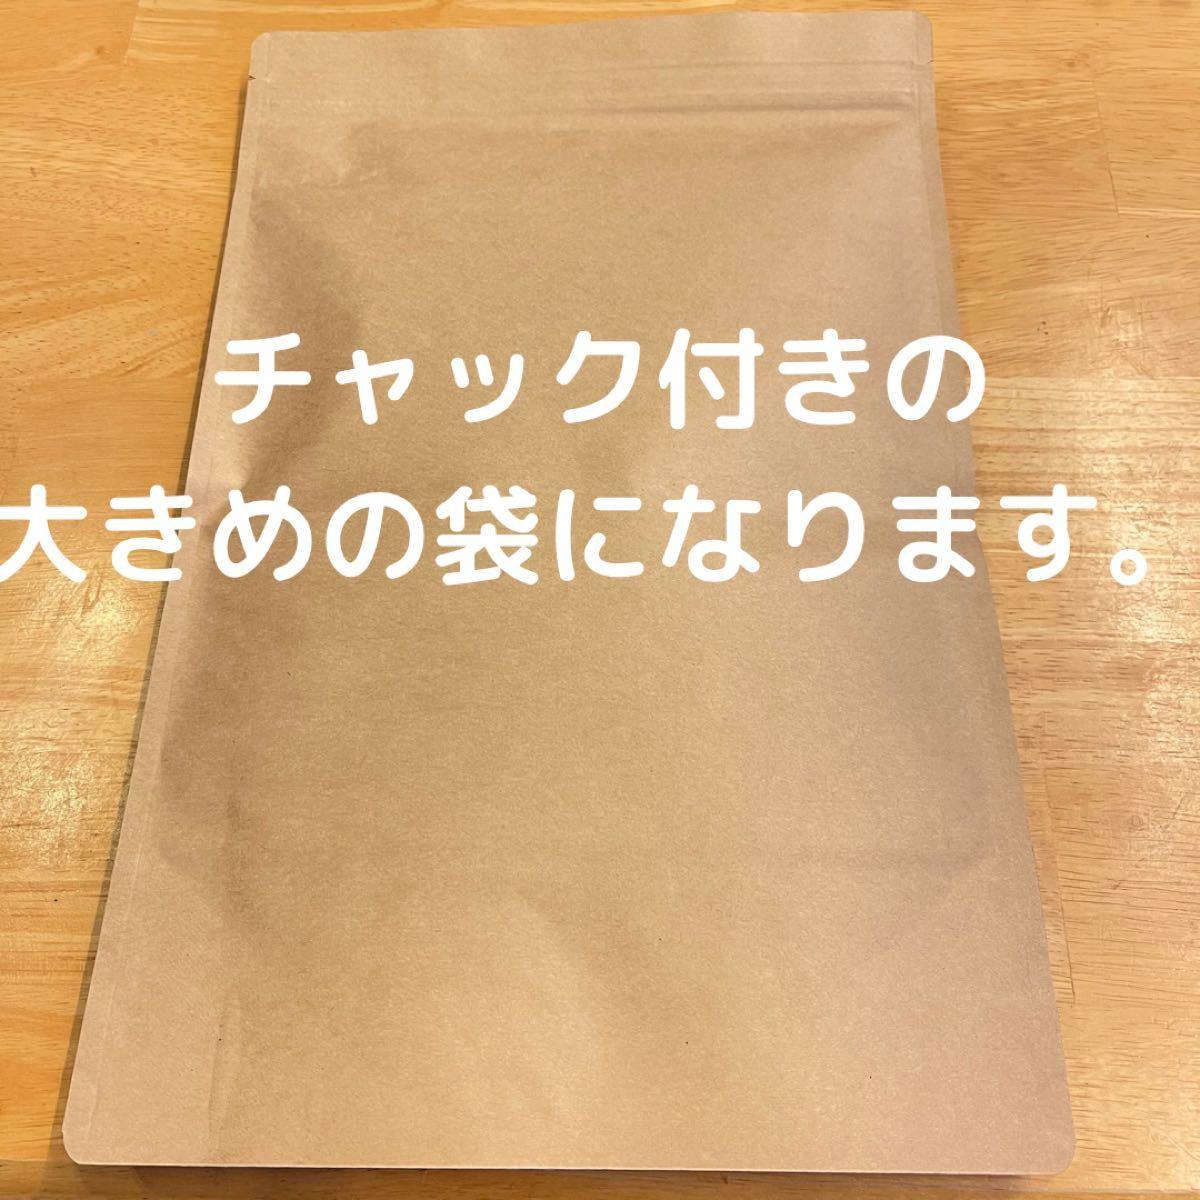 自家焙煎  超深煎りブレンド  (朝専用)400g(豆又は粉)匿名配送